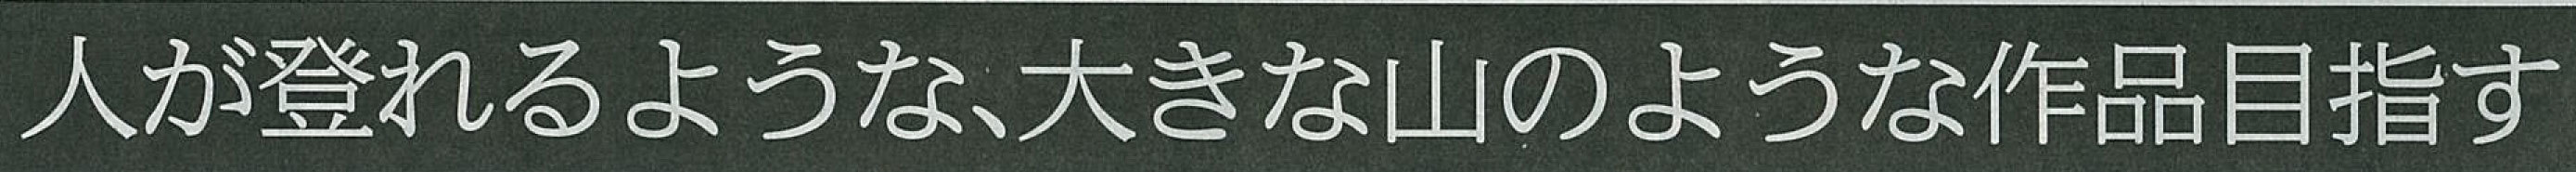 川俣正岩見沢プロジェクト2016/新聞記事_c0189970_08072469.jpg